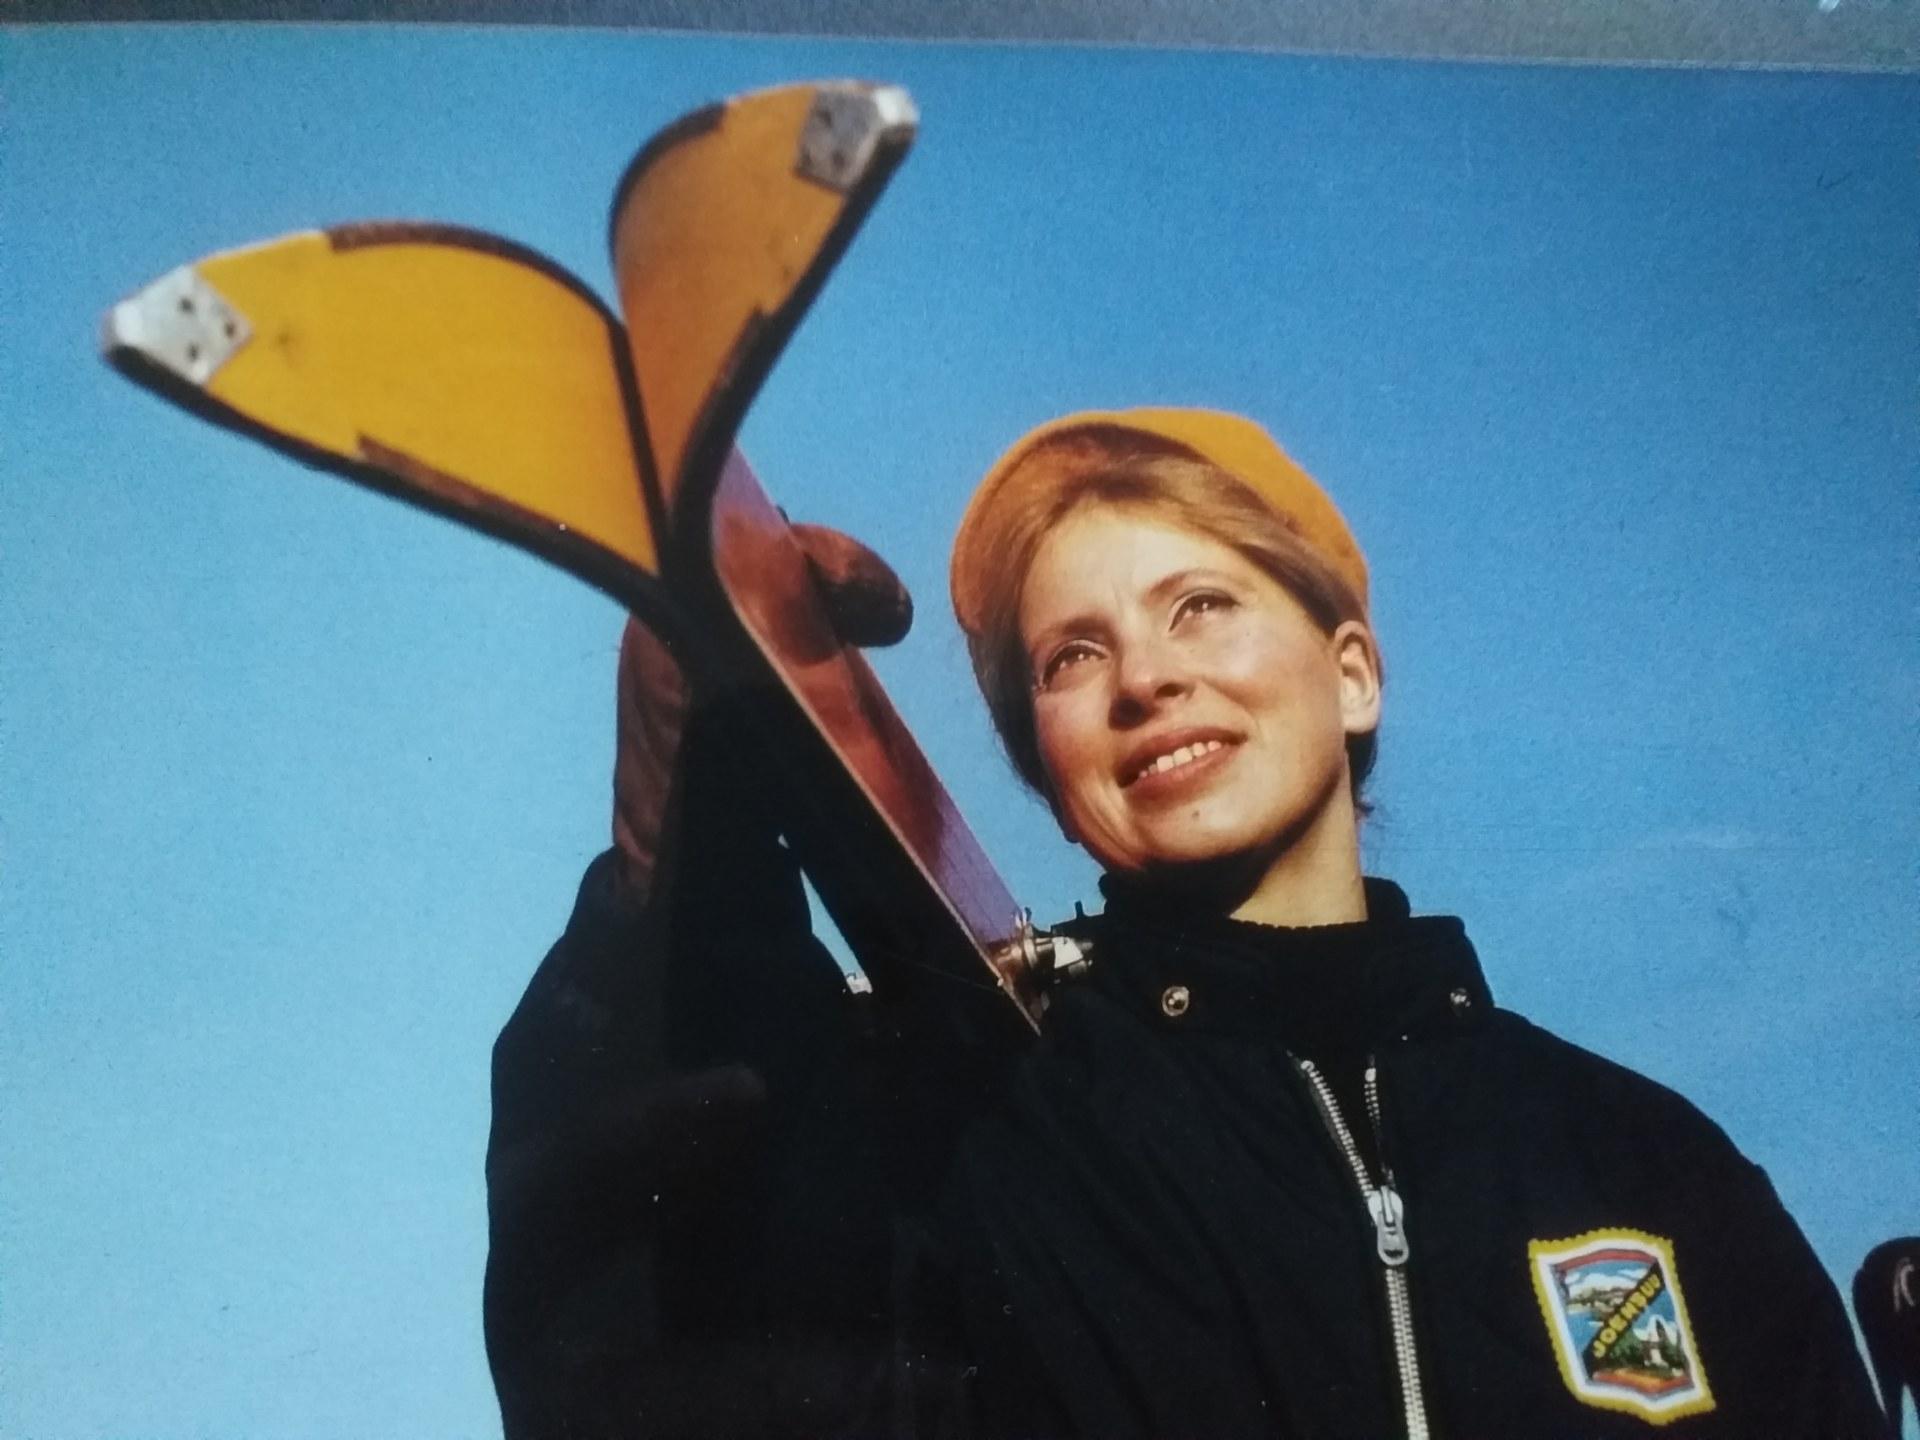 Kobieta w stroju narciarskim trzyma na ramieniu narty.